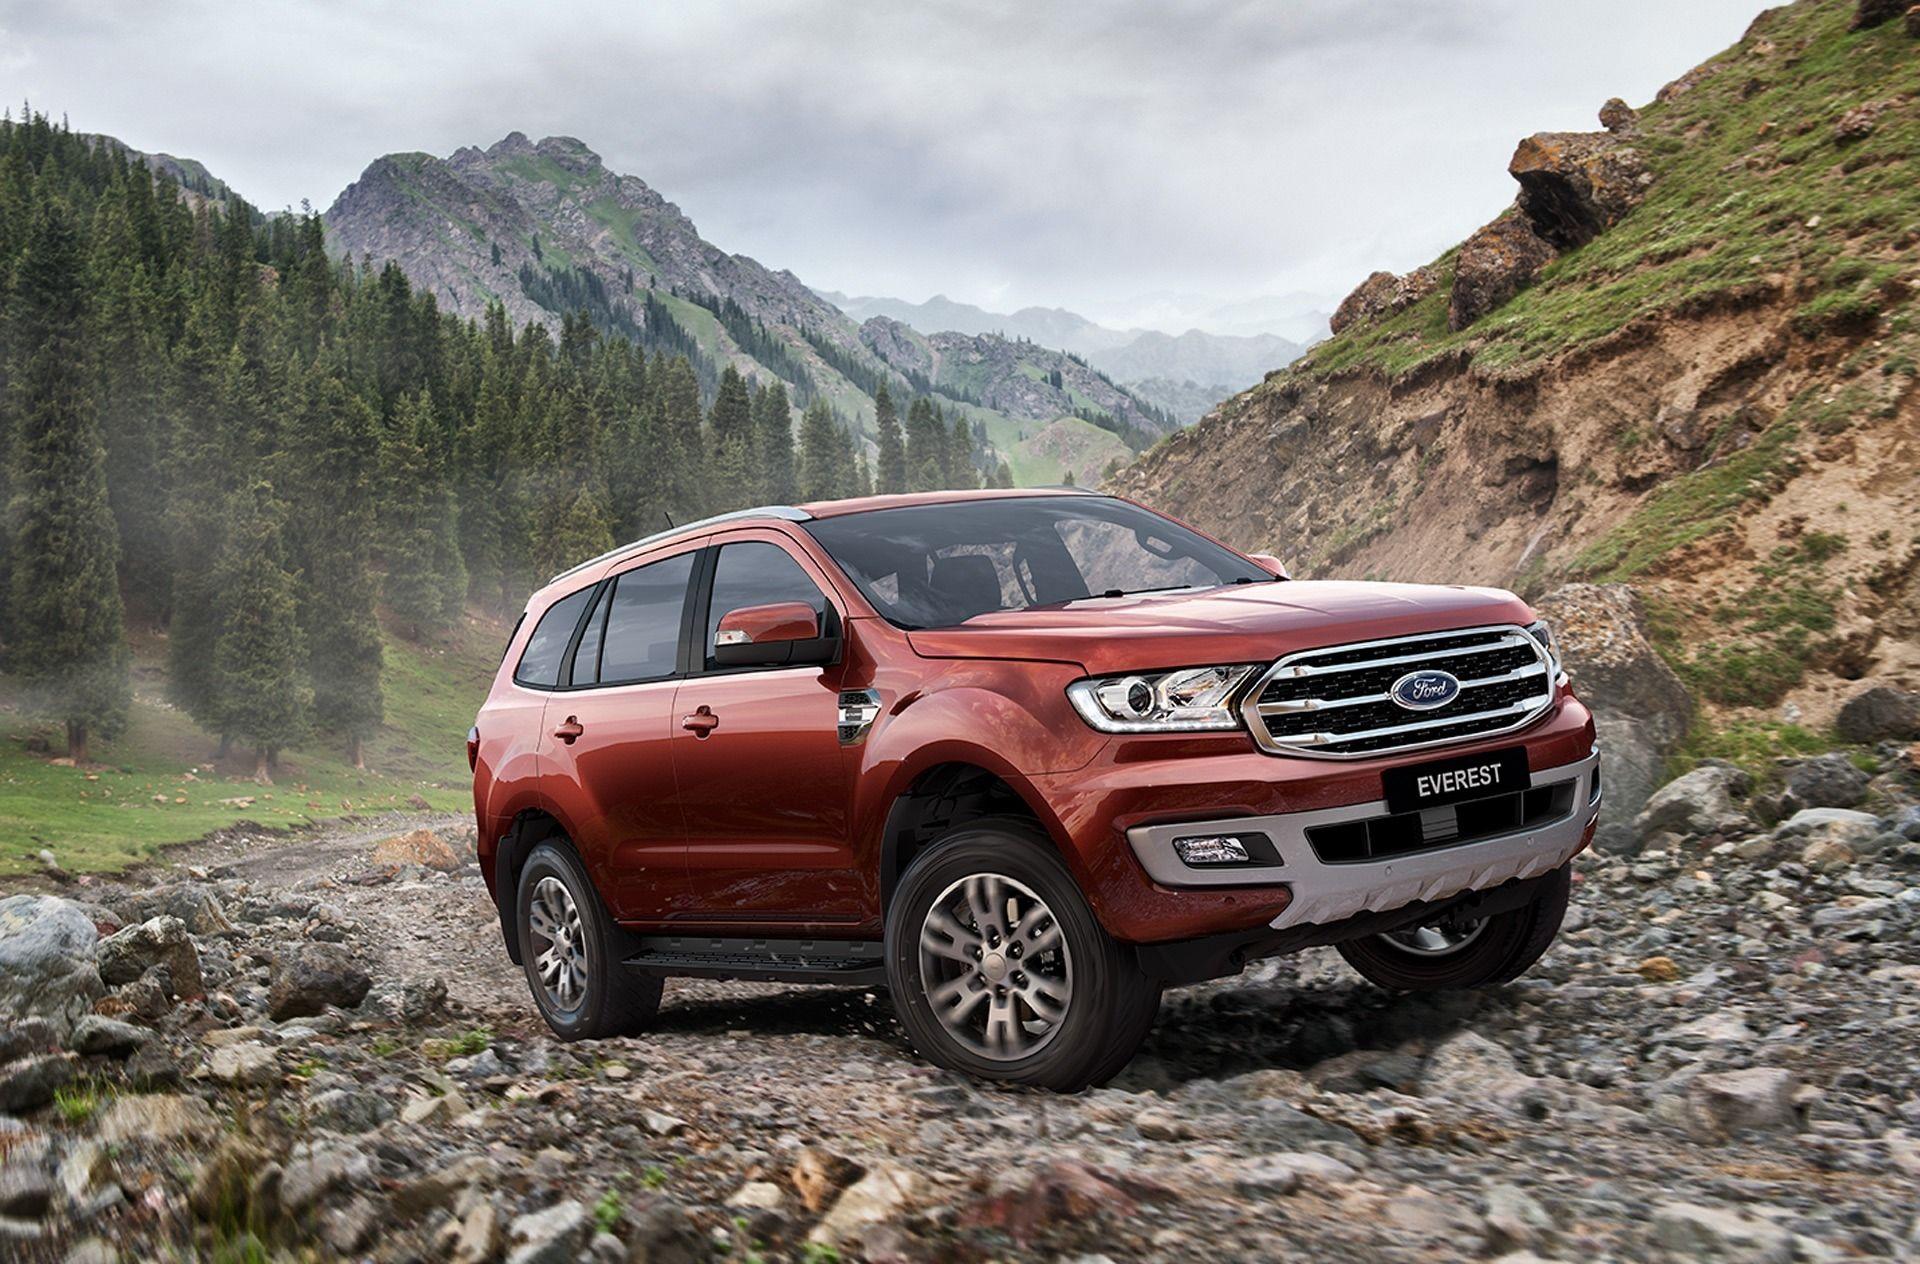 New 2019 Ford Everest Overview Camionetas Autos Carros Y Motos